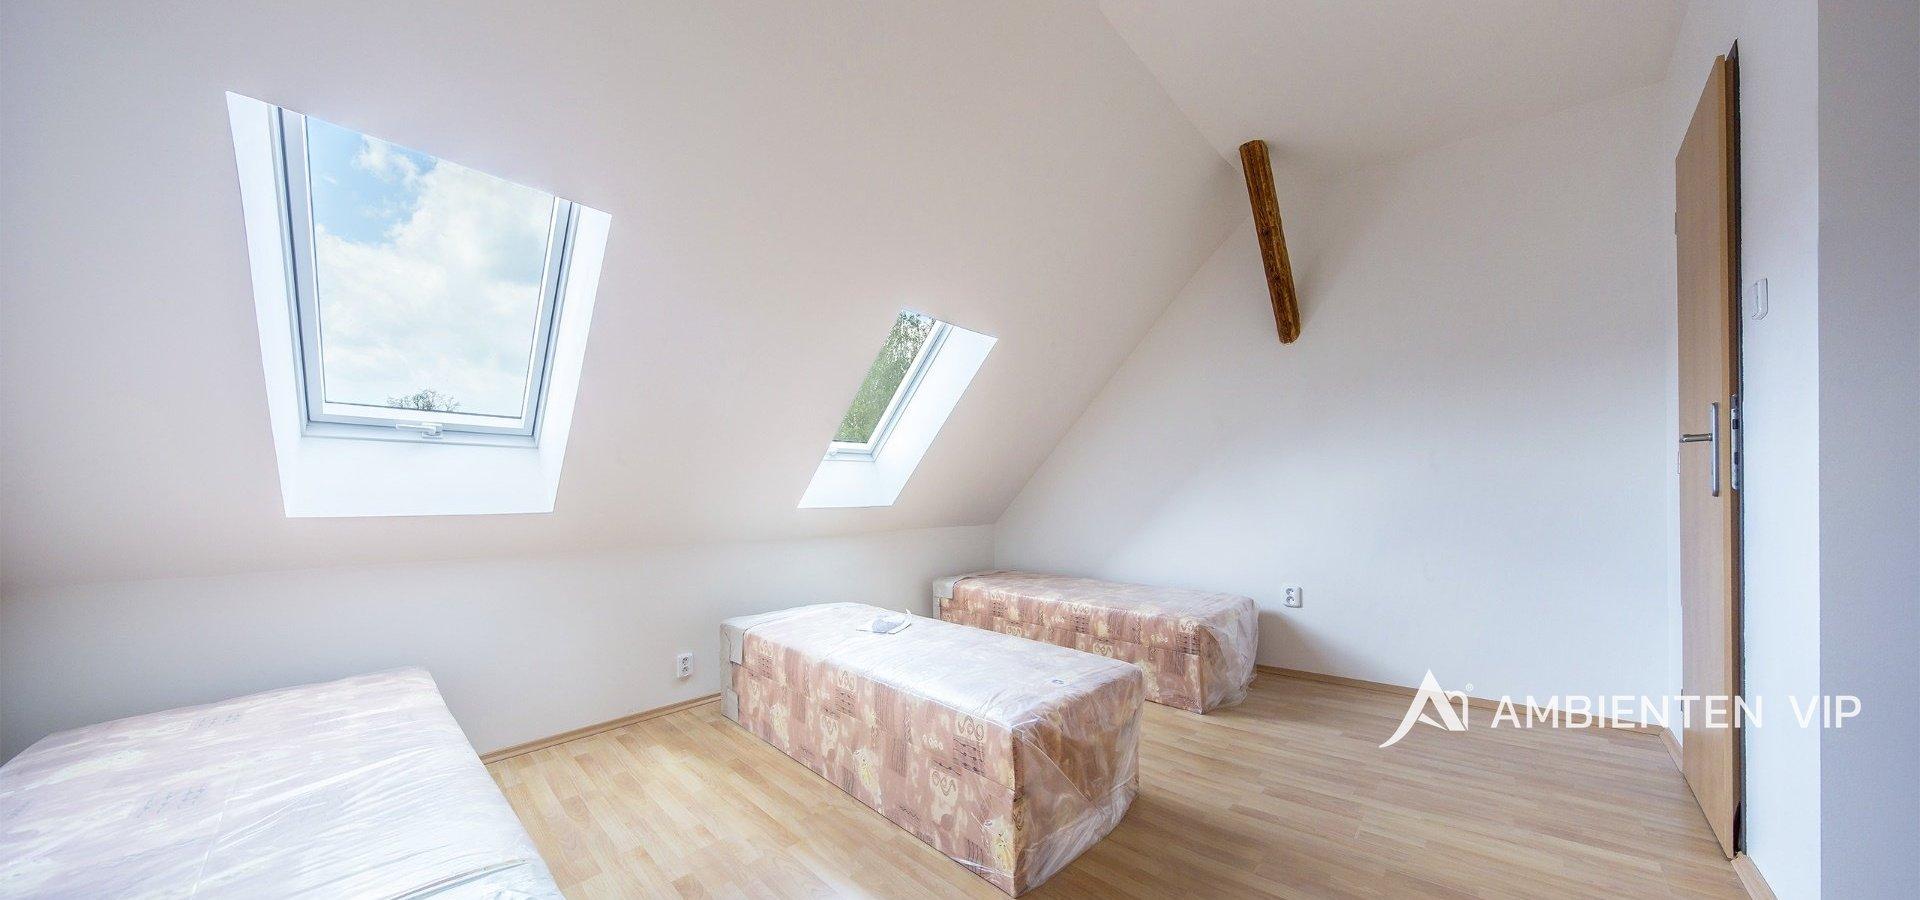 prodej-rodinneho-domu-na-bydleni-i-investici-477m2-telc-14merge-a840cd